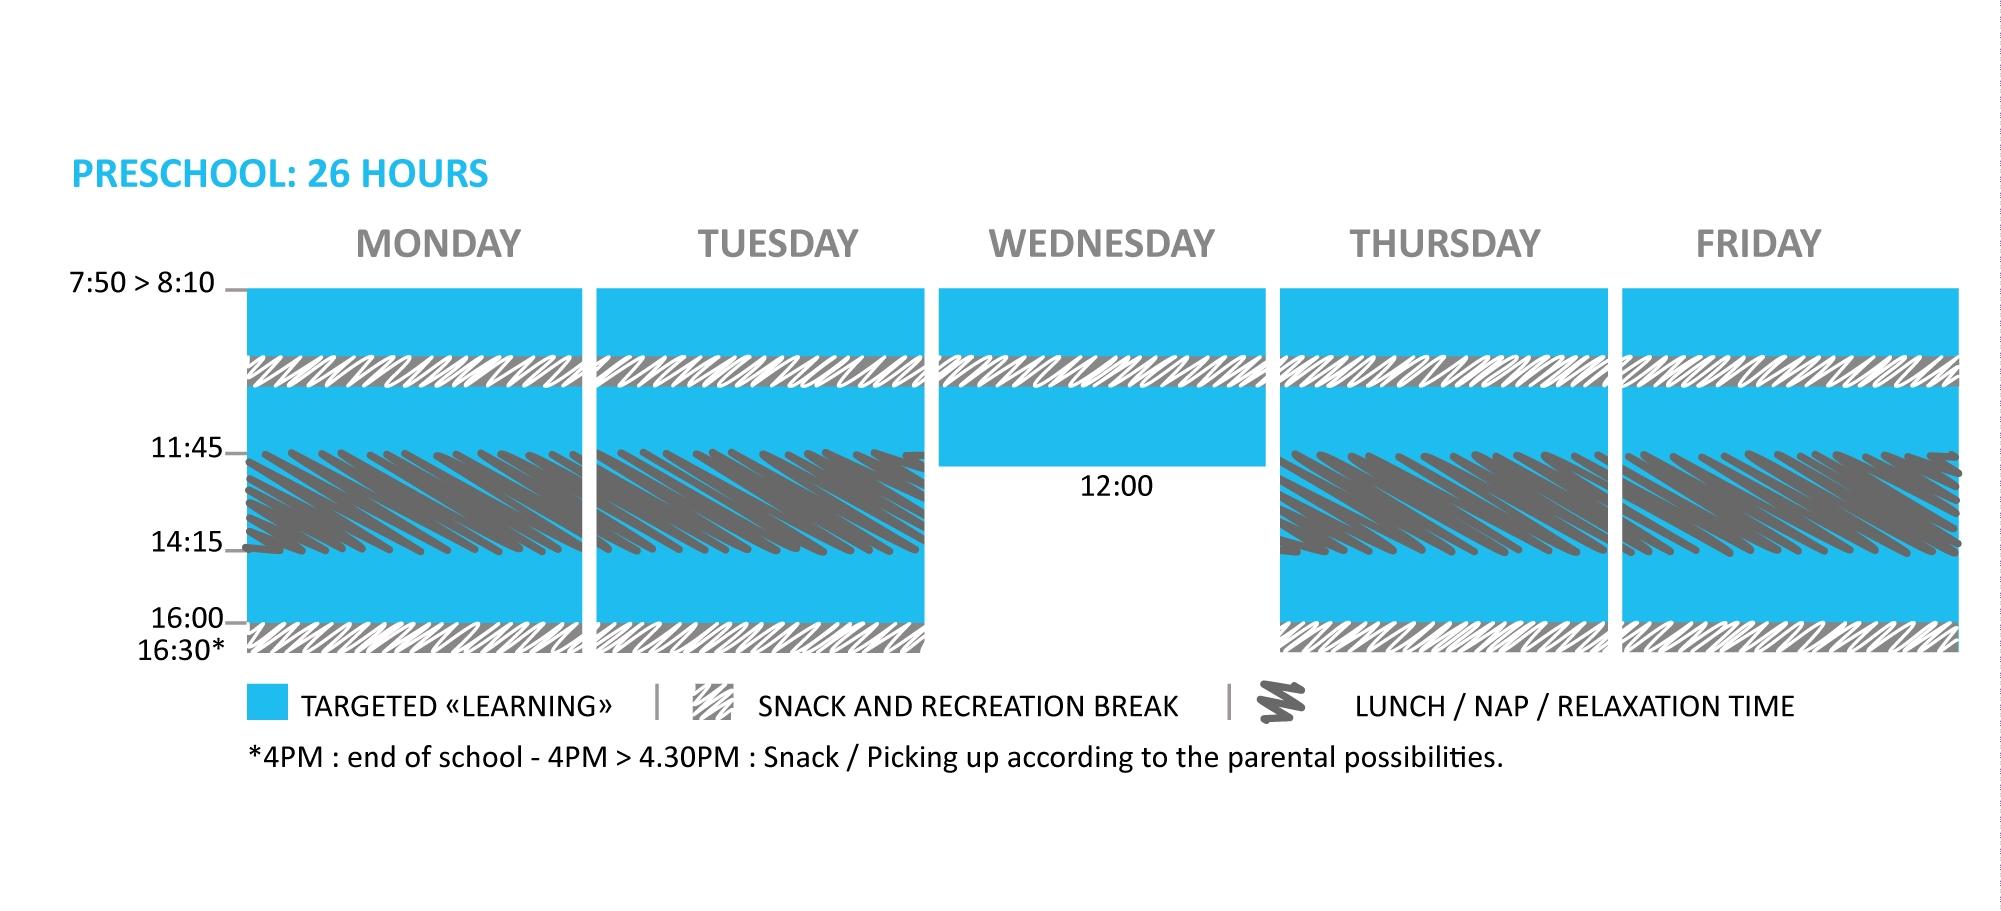 Timetable And Calendar - Ecole Française Internationale De Luang Prabang L'ecole Bilingue School Calendar